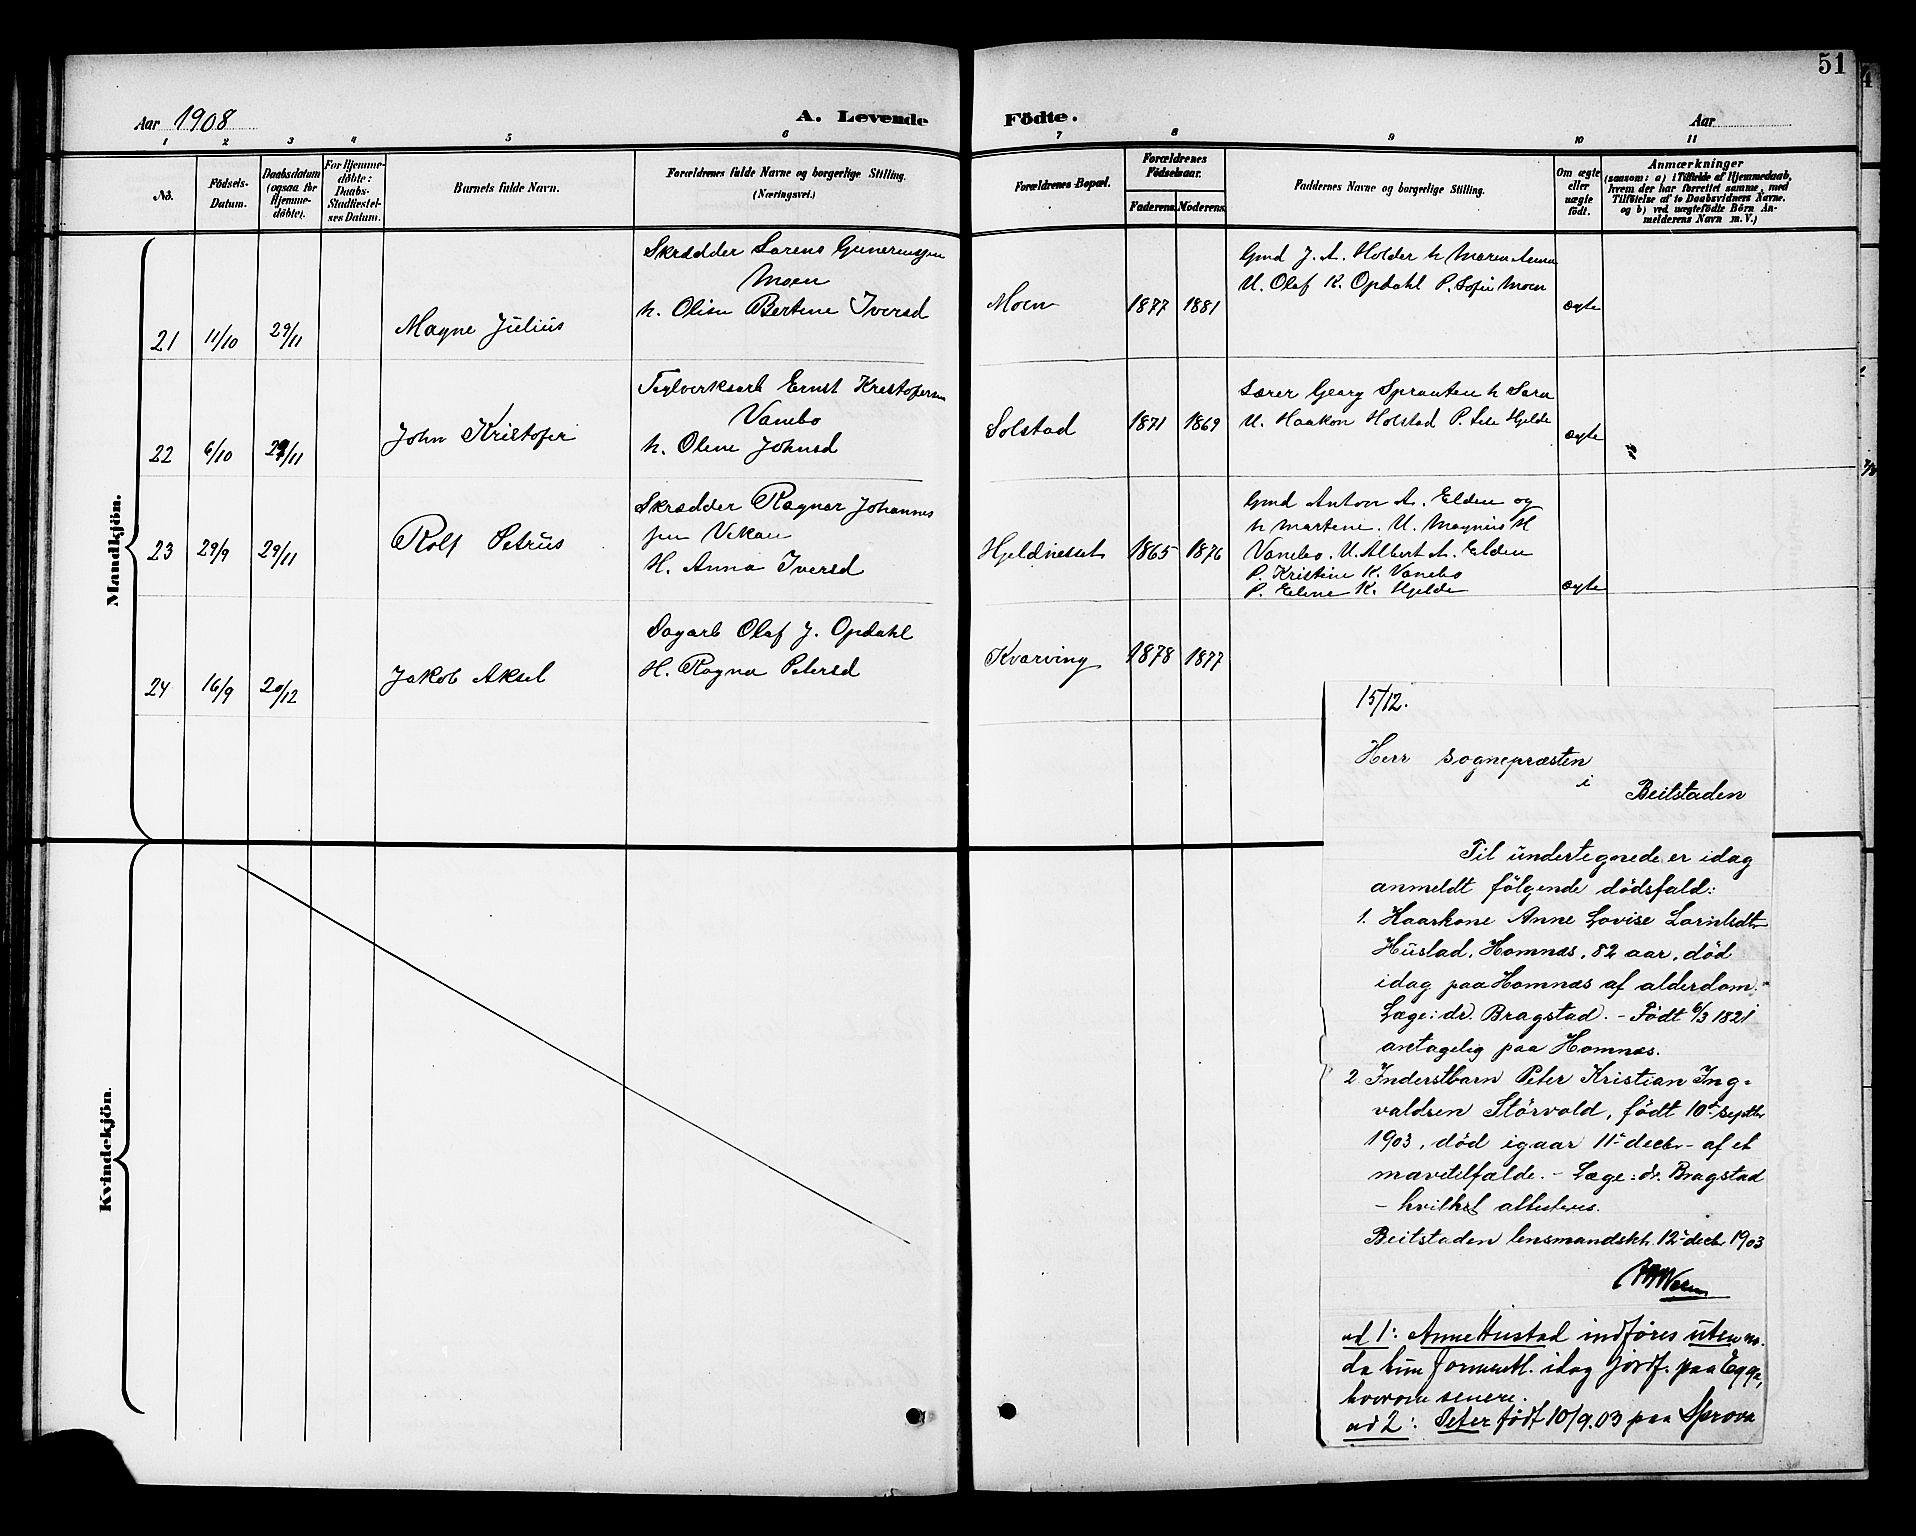 SAT, Ministerialprotokoller, klokkerbøker og fødselsregistre - Nord-Trøndelag, 741/L0401: Klokkerbok nr. 741C02, 1899-1911, s. 51